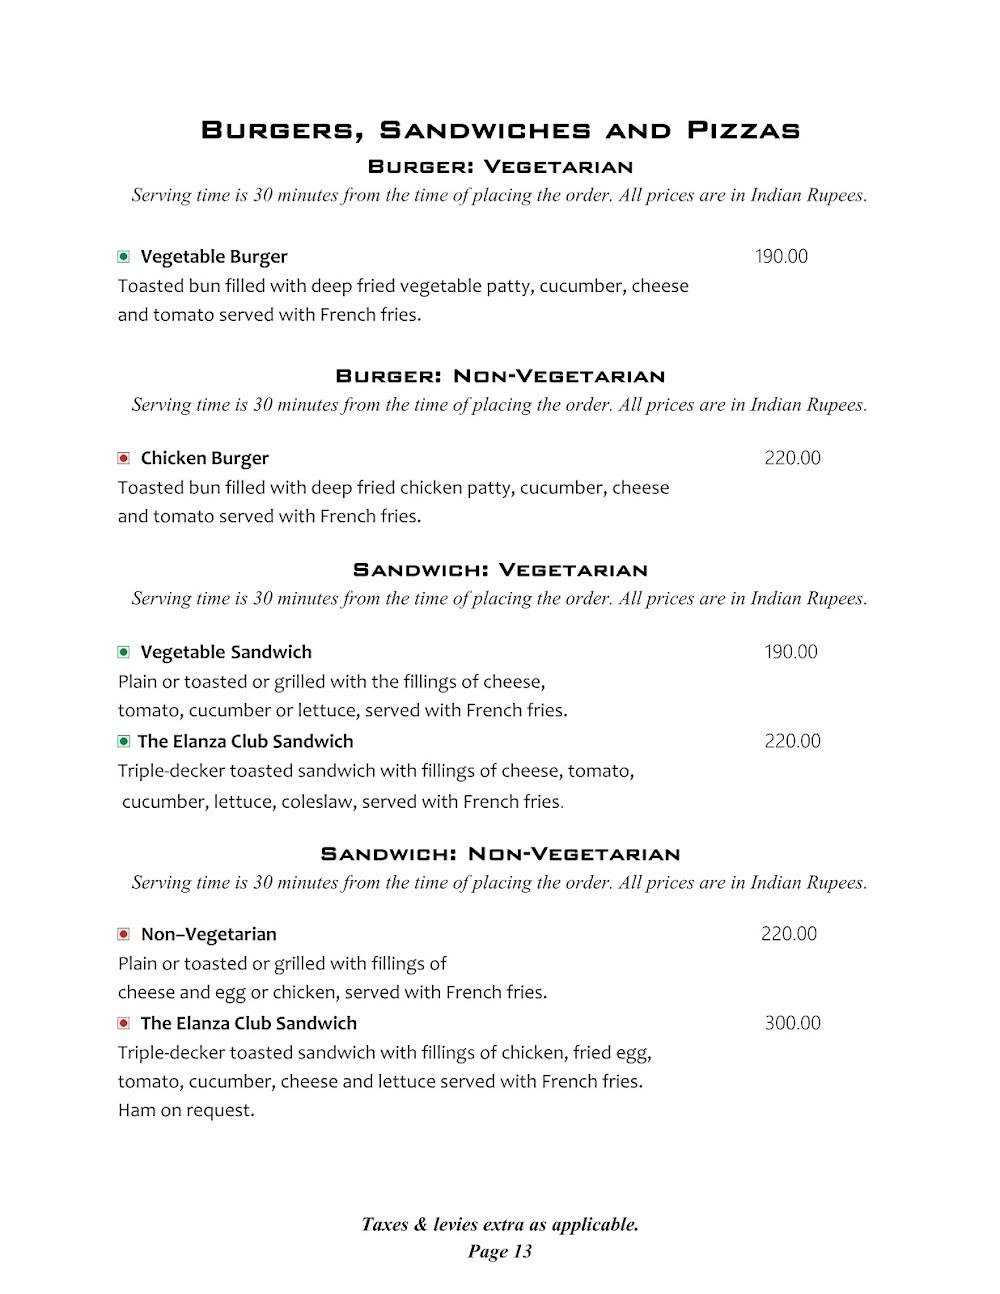 Cafe @ Elanza menu 5